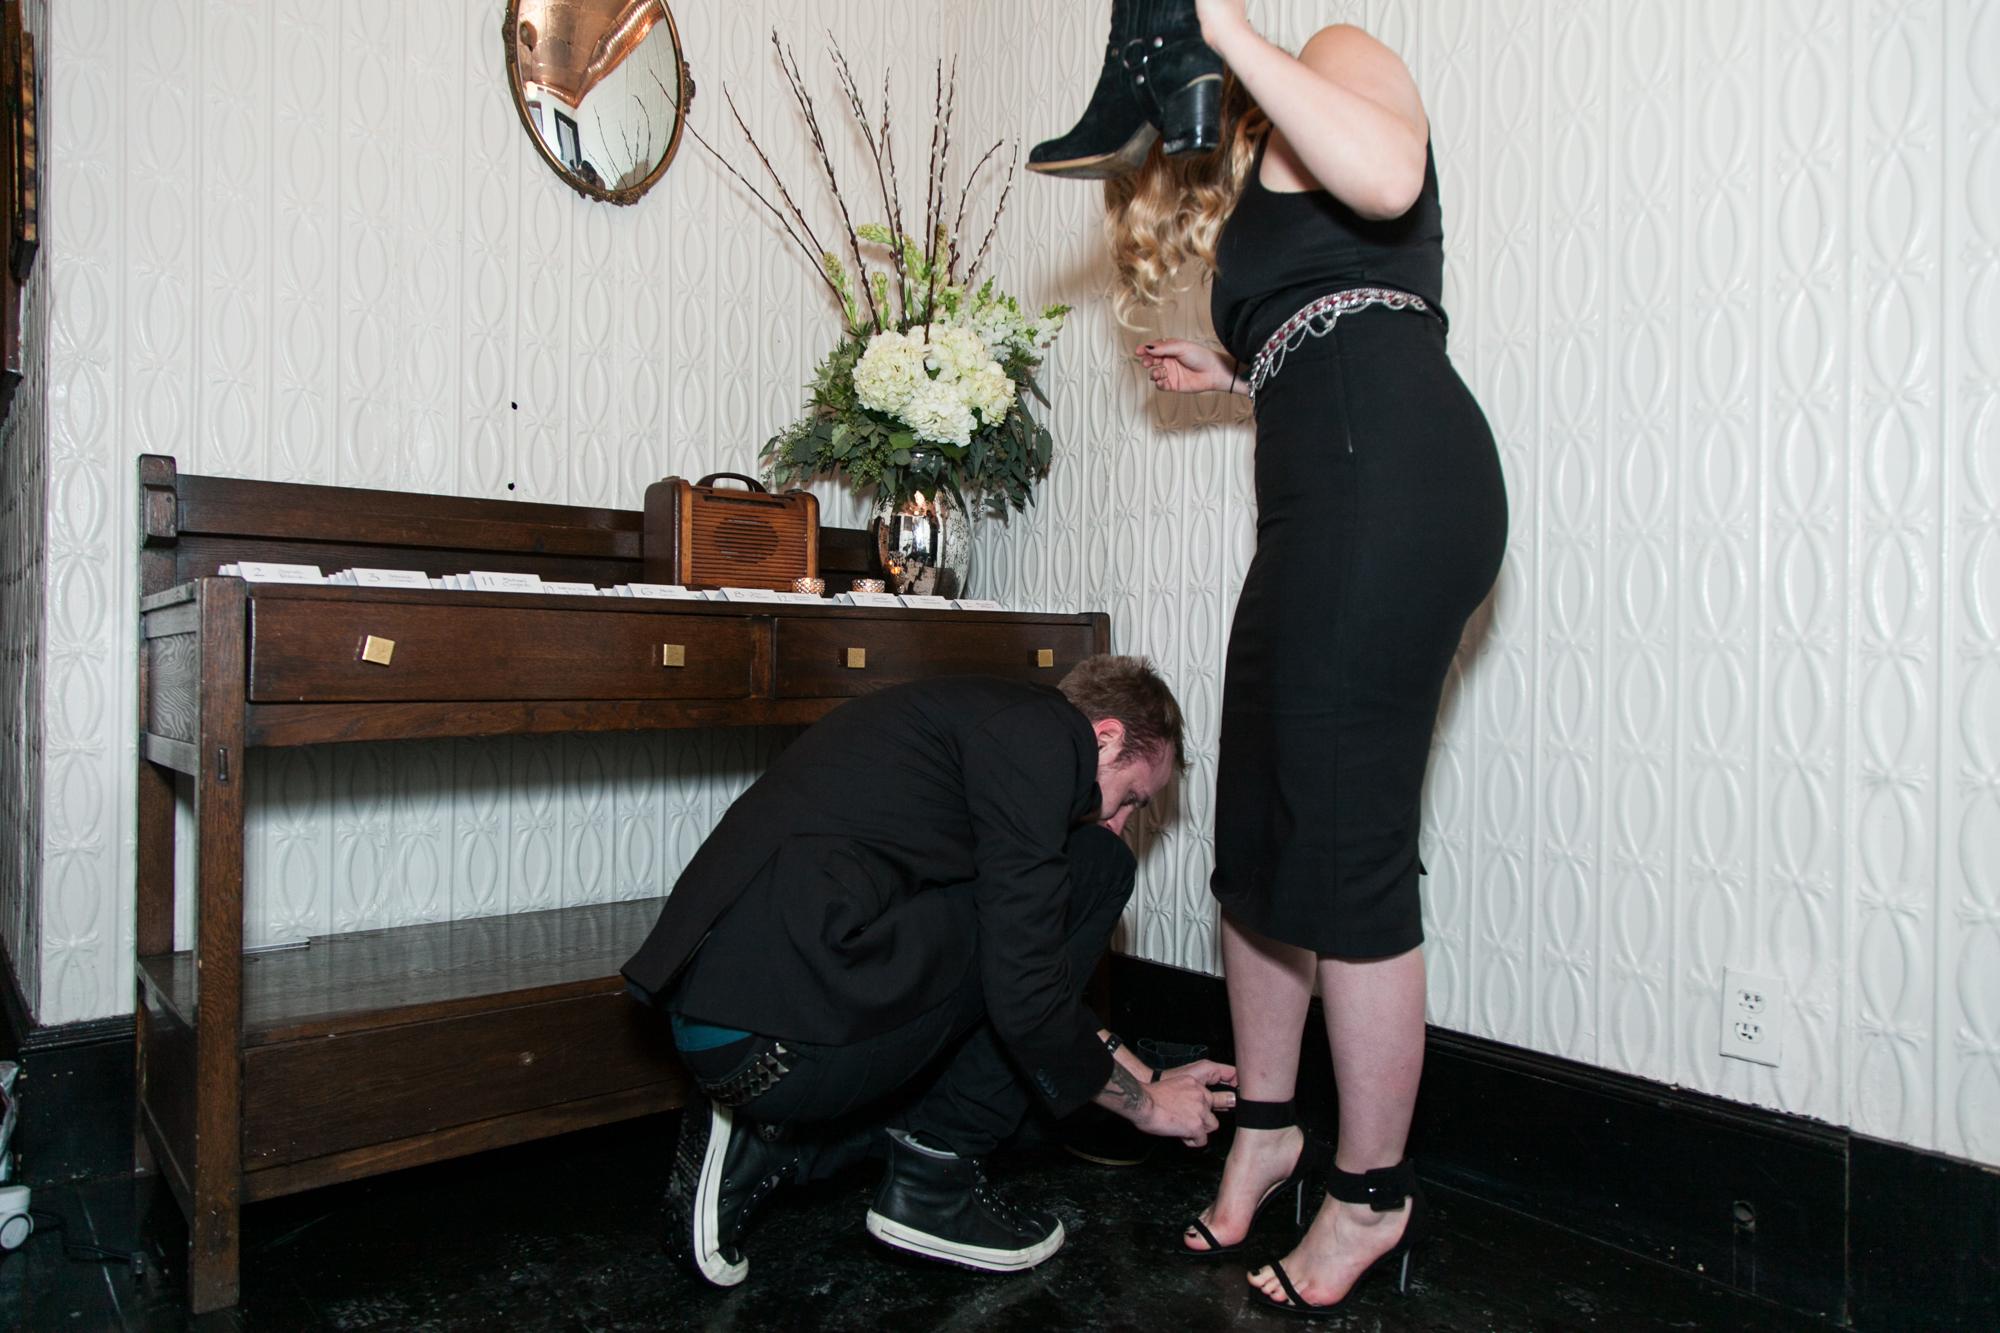 HeatherPhelpsLipton-Modern-WeddingPhotography-GreenBuilding-winter-prospectpark-22.jpg